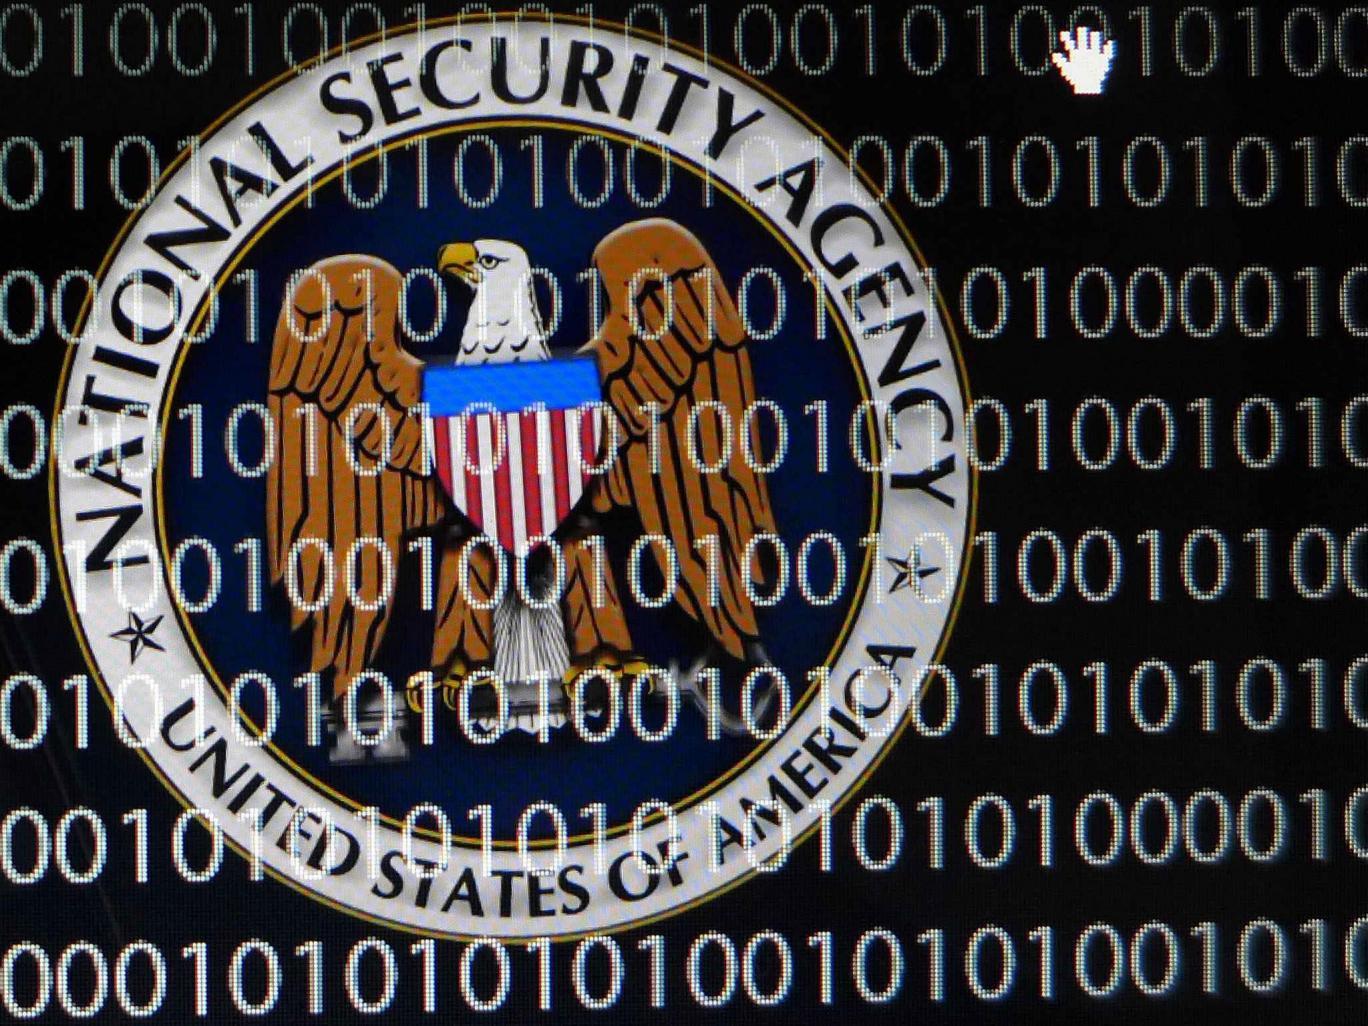 19 մլրդ դոլար` ԱՄՆ կիբերանվտանգության ապահովման համար